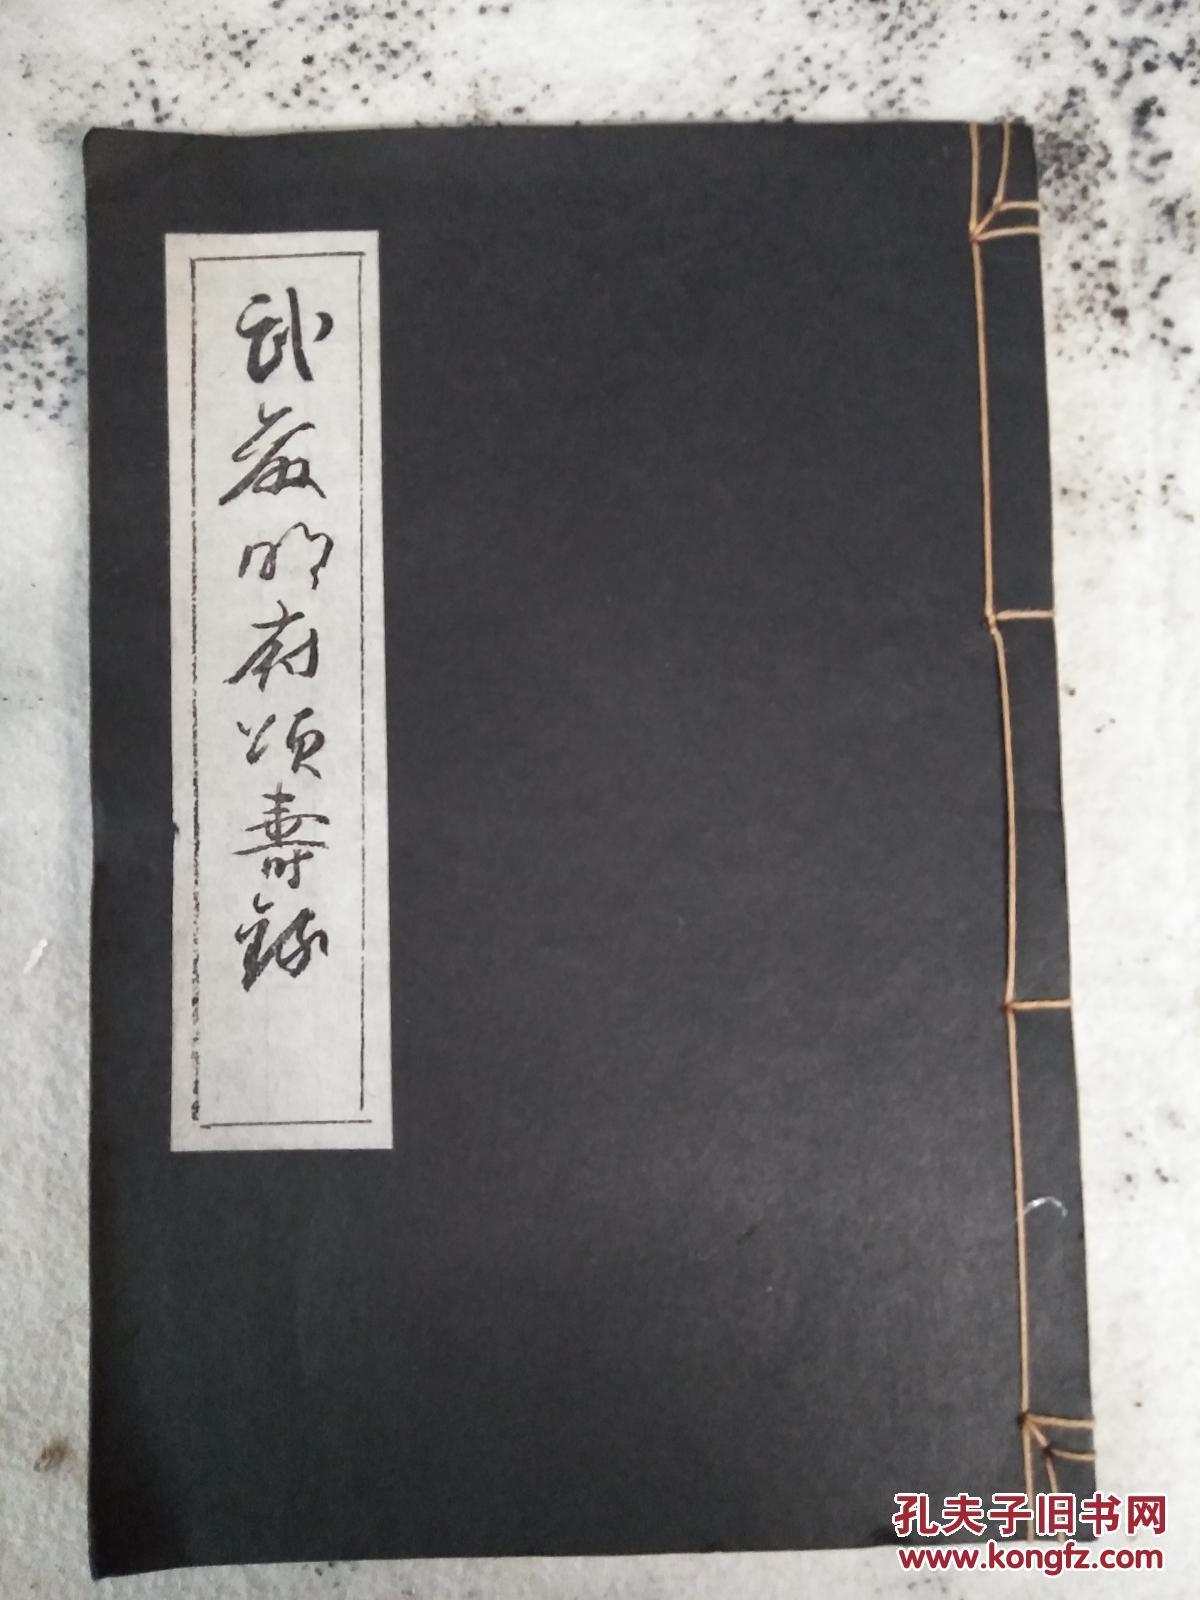 武藤明府颂寿录(太洋社1958年排印本·16开·线装一册全)